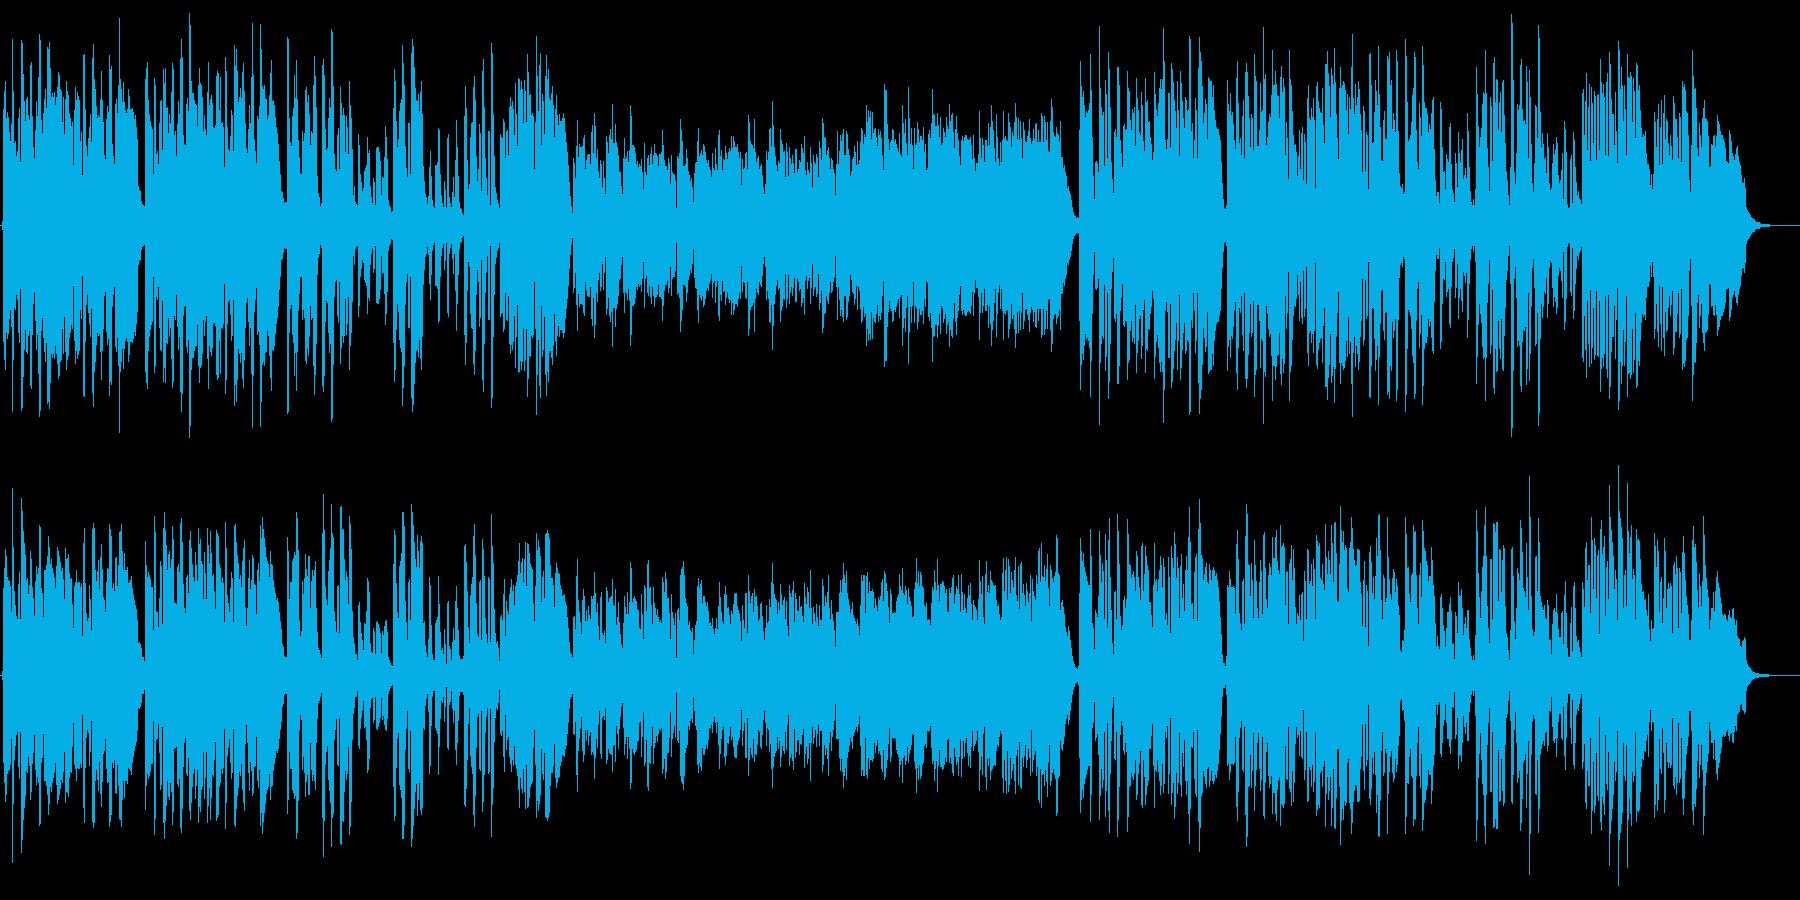 スキップしたくなるクラリネット曲の再生済みの波形